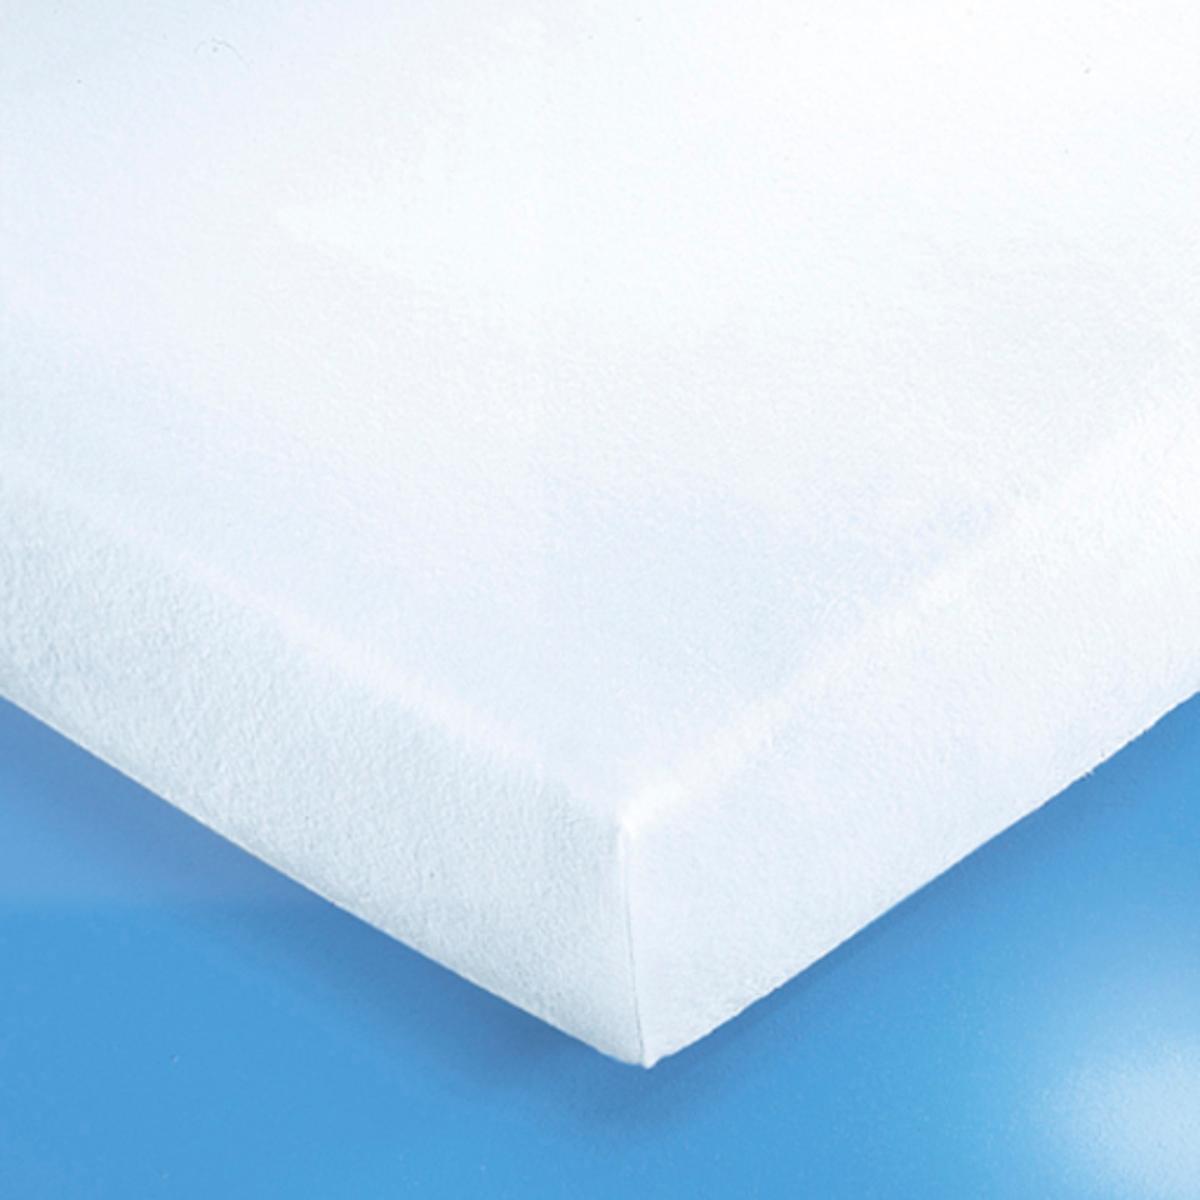 Наматрасник La Redoute В форме чехла с обработкой против постельных клопов 160 x 200 см белый